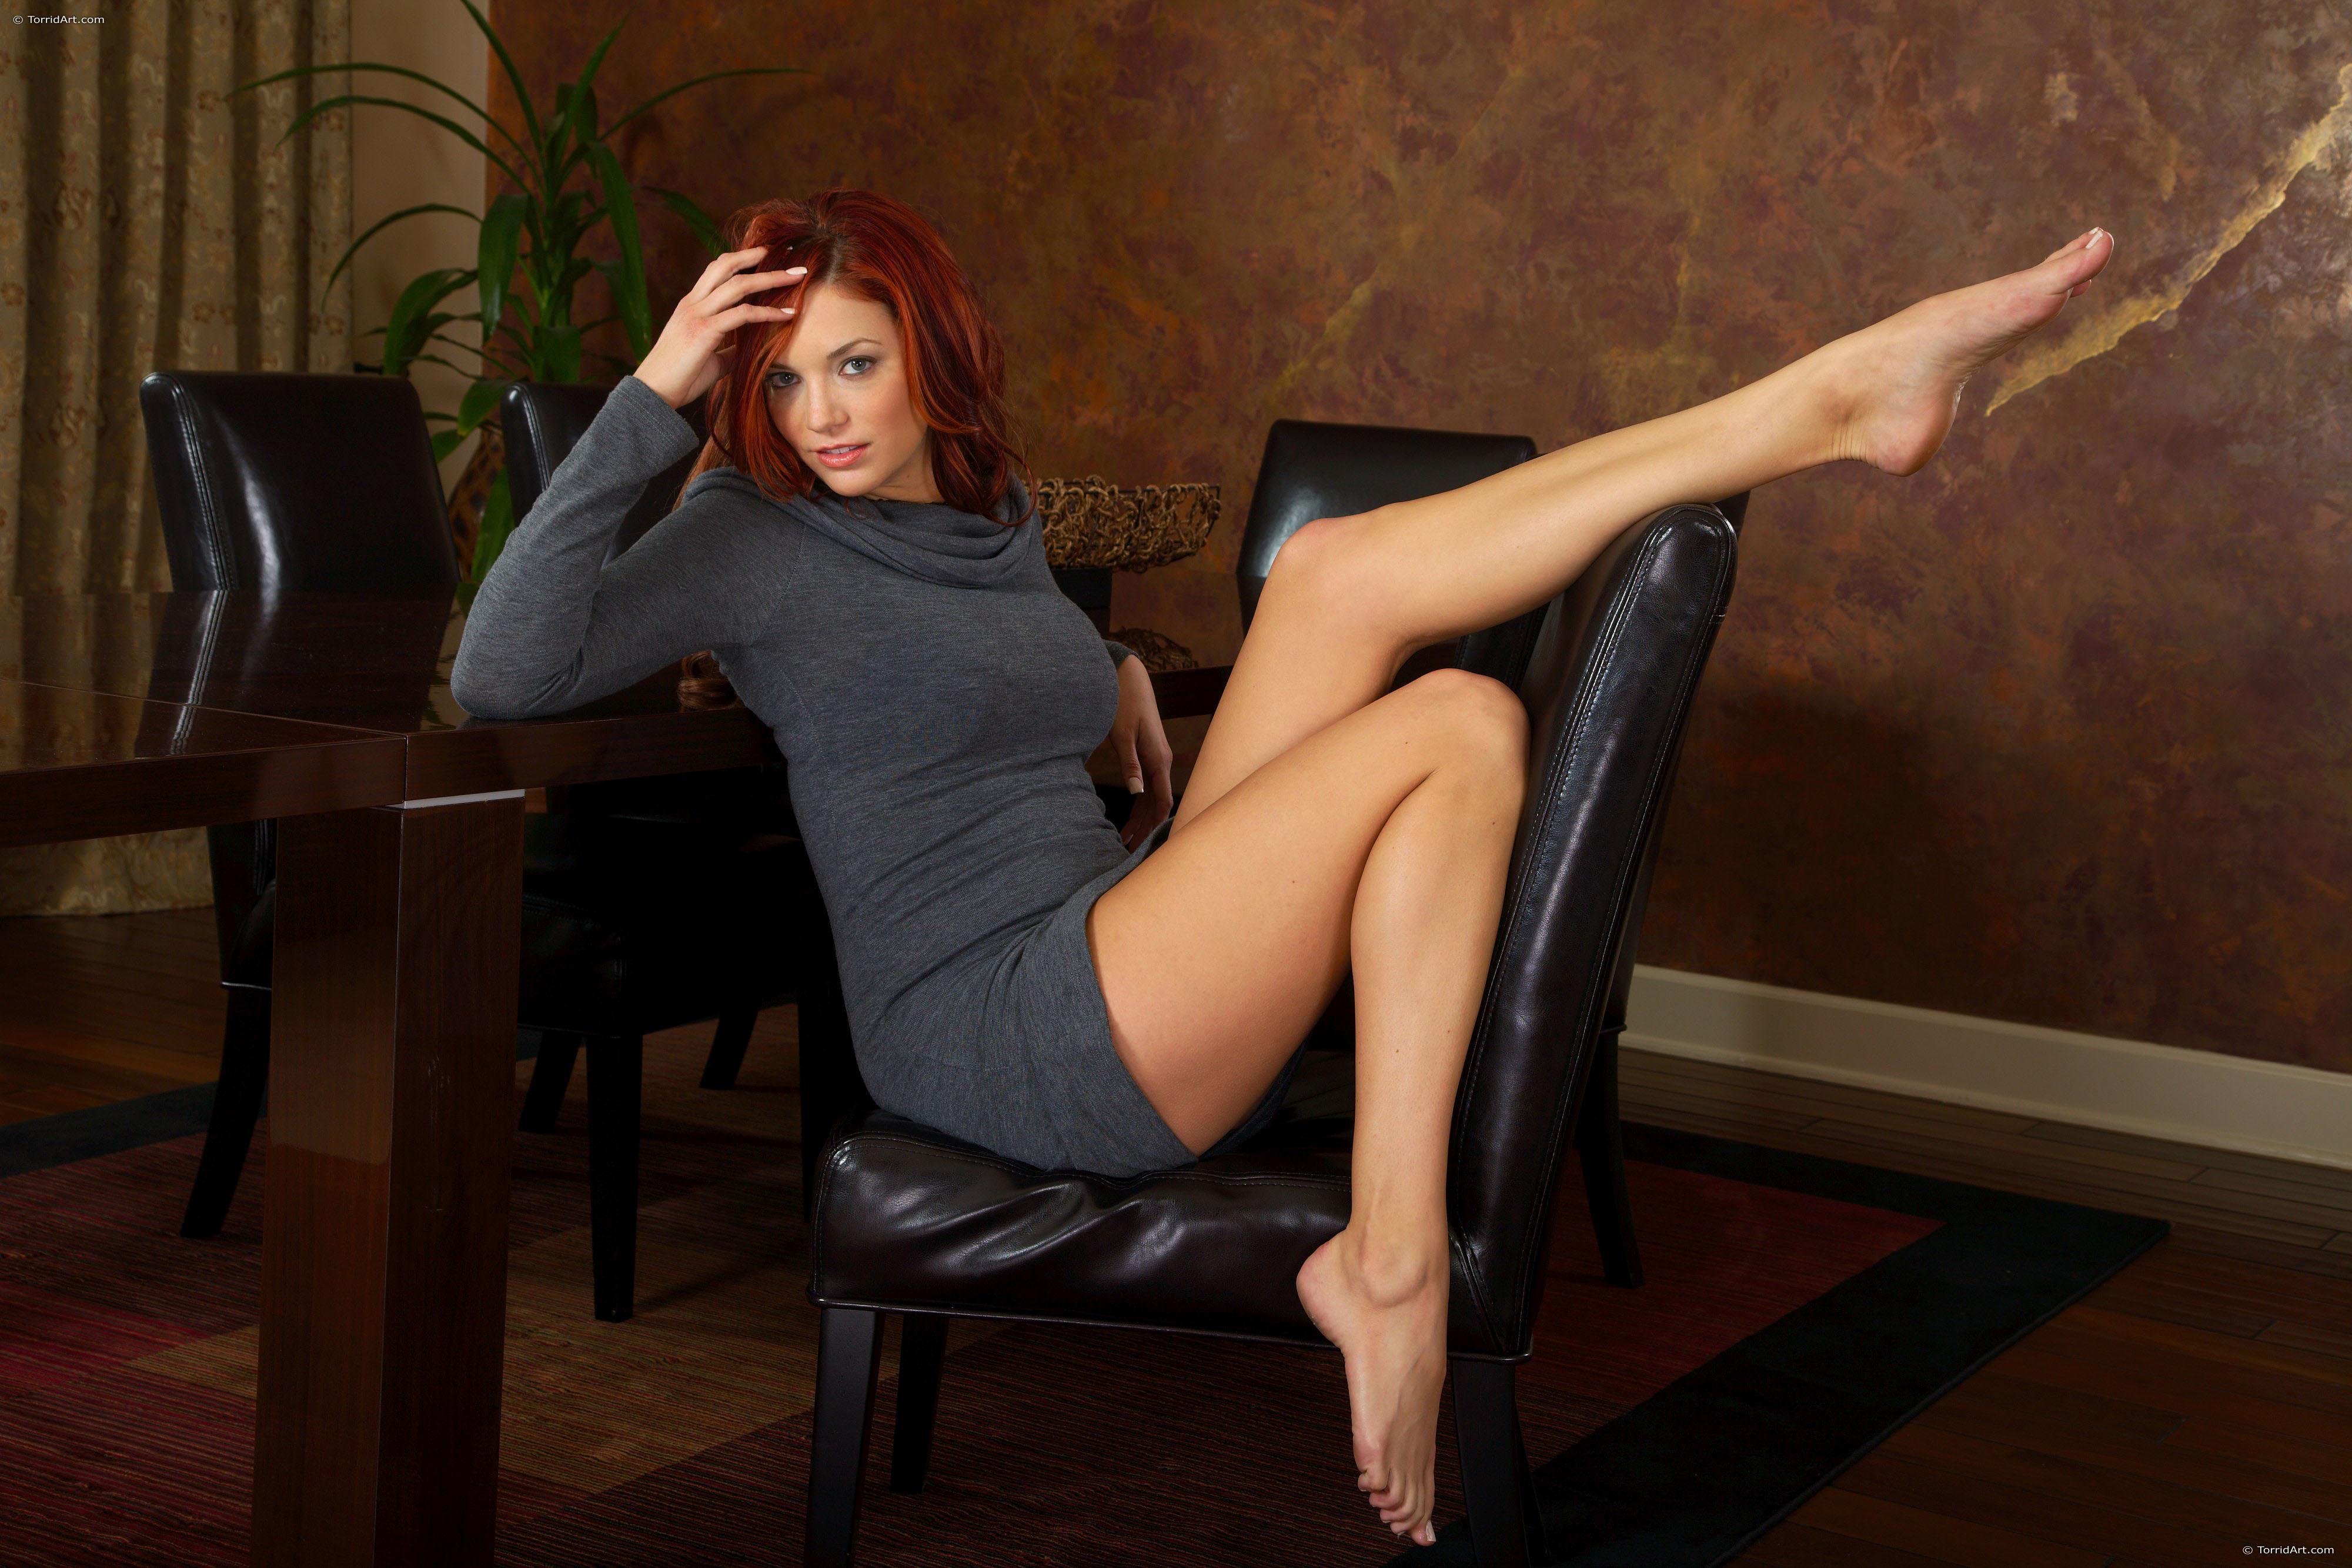 Фото ножки женщин @ m1bar.com